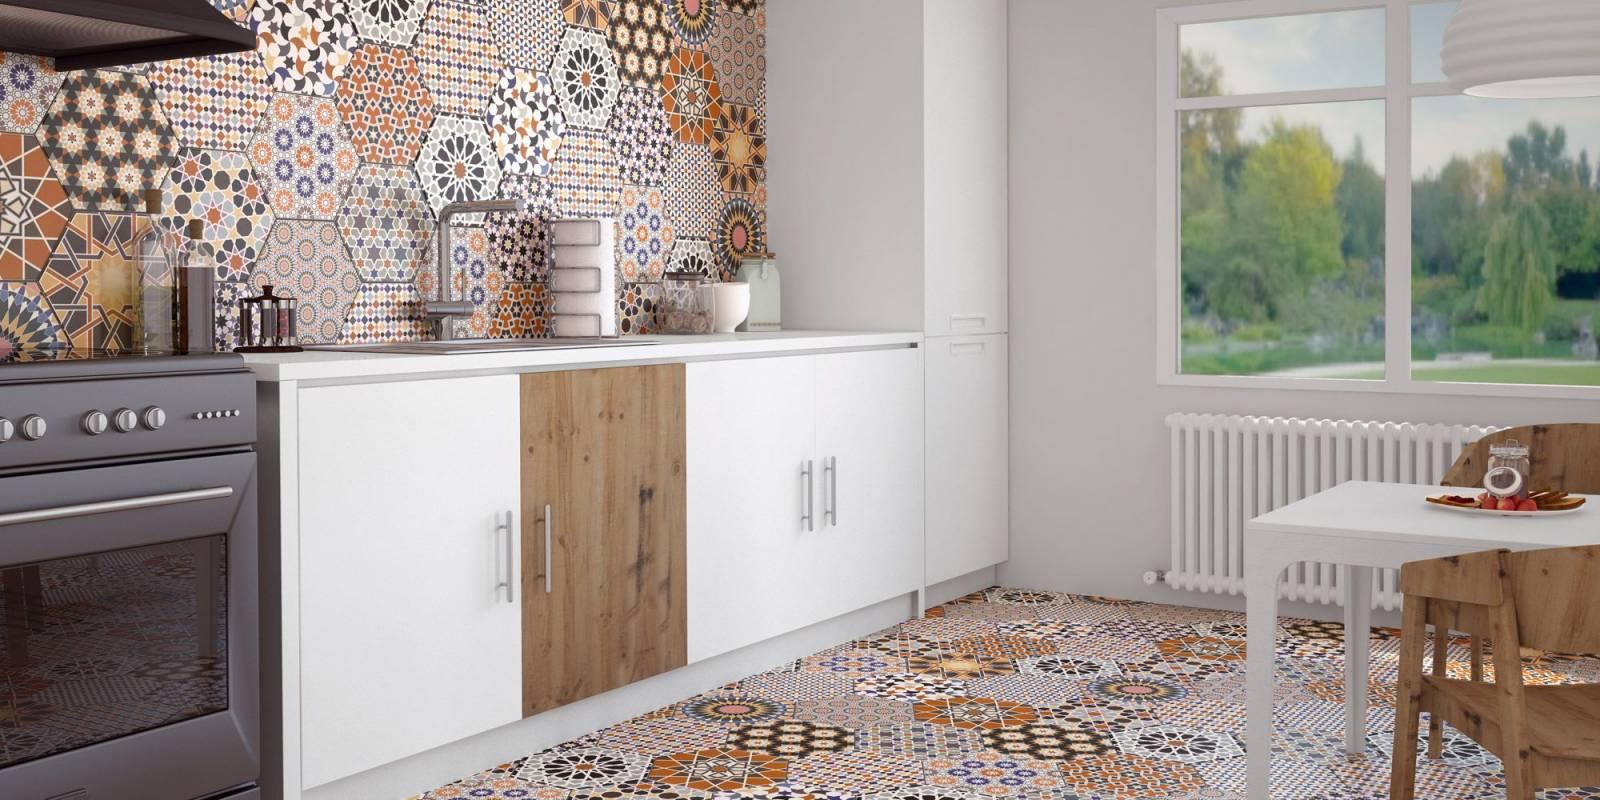 tomette hexagone d cor ciment montpellier 34 c1 vente de carrelage imitation ciment et bois. Black Bedroom Furniture Sets. Home Design Ideas